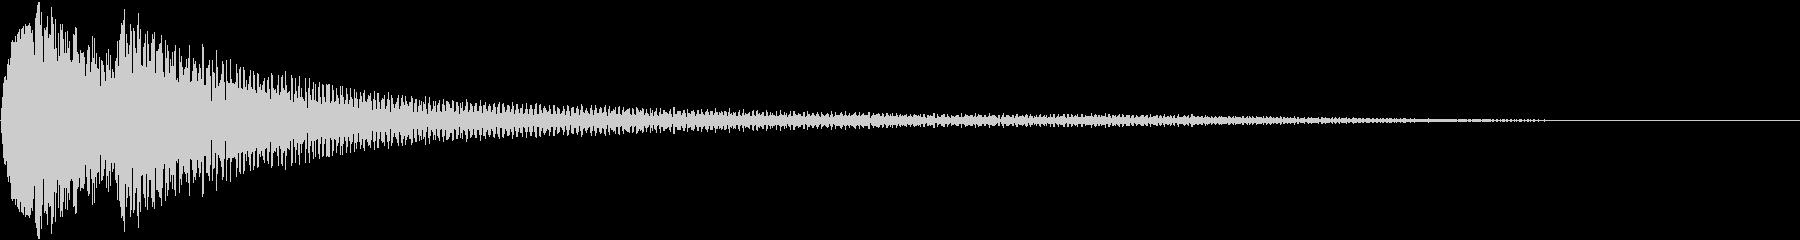 ピコン(お洒落で優しいピアノの警告音)3の未再生の波形